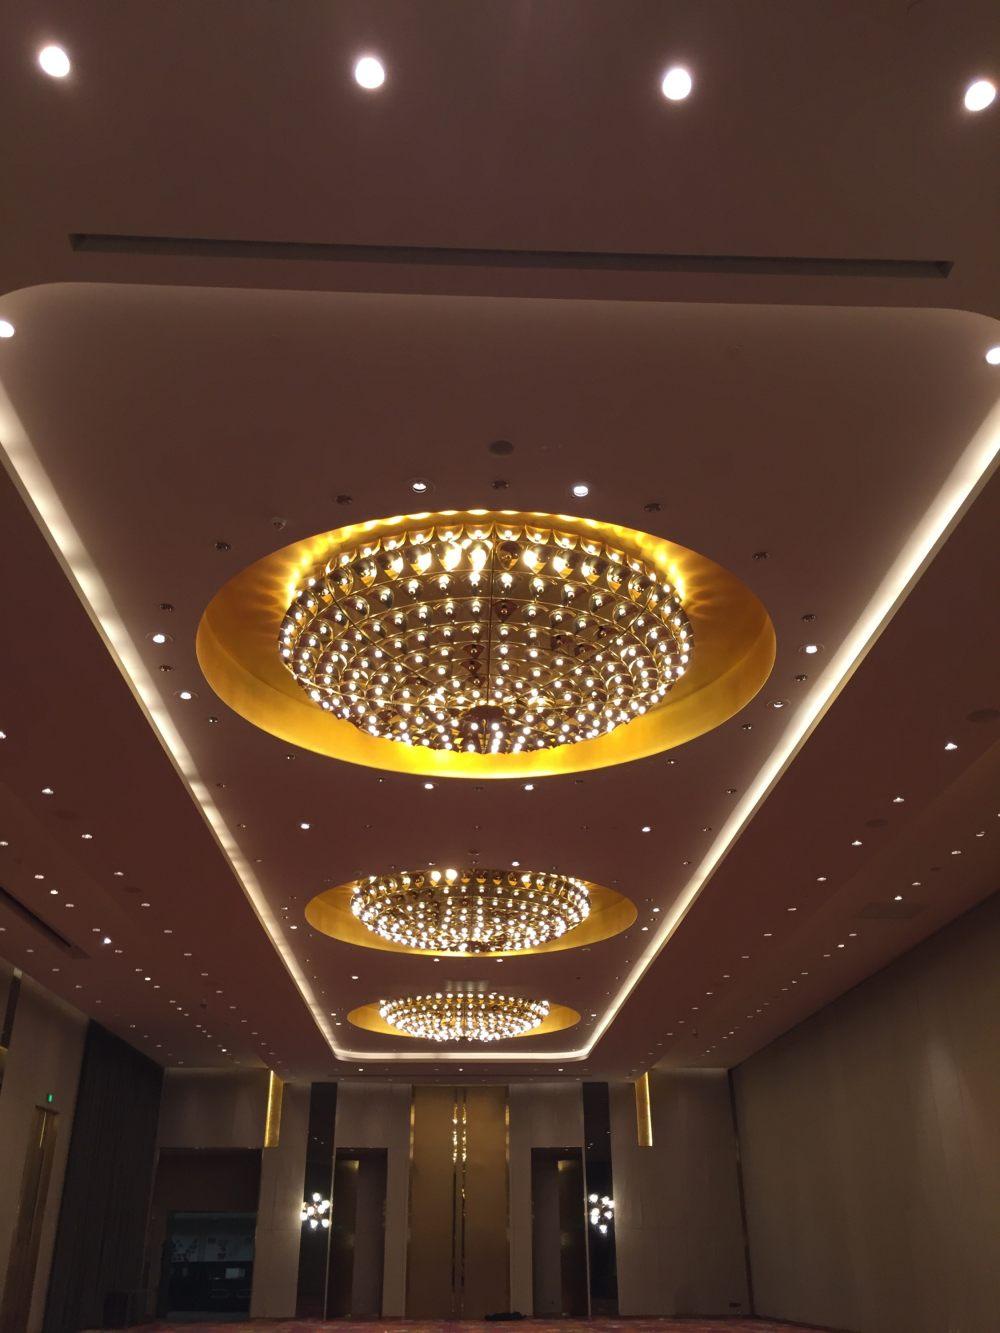 上海外滩W酒店,史上最全入住体验 自拍分享,申请置...._IMG_6121.JPG